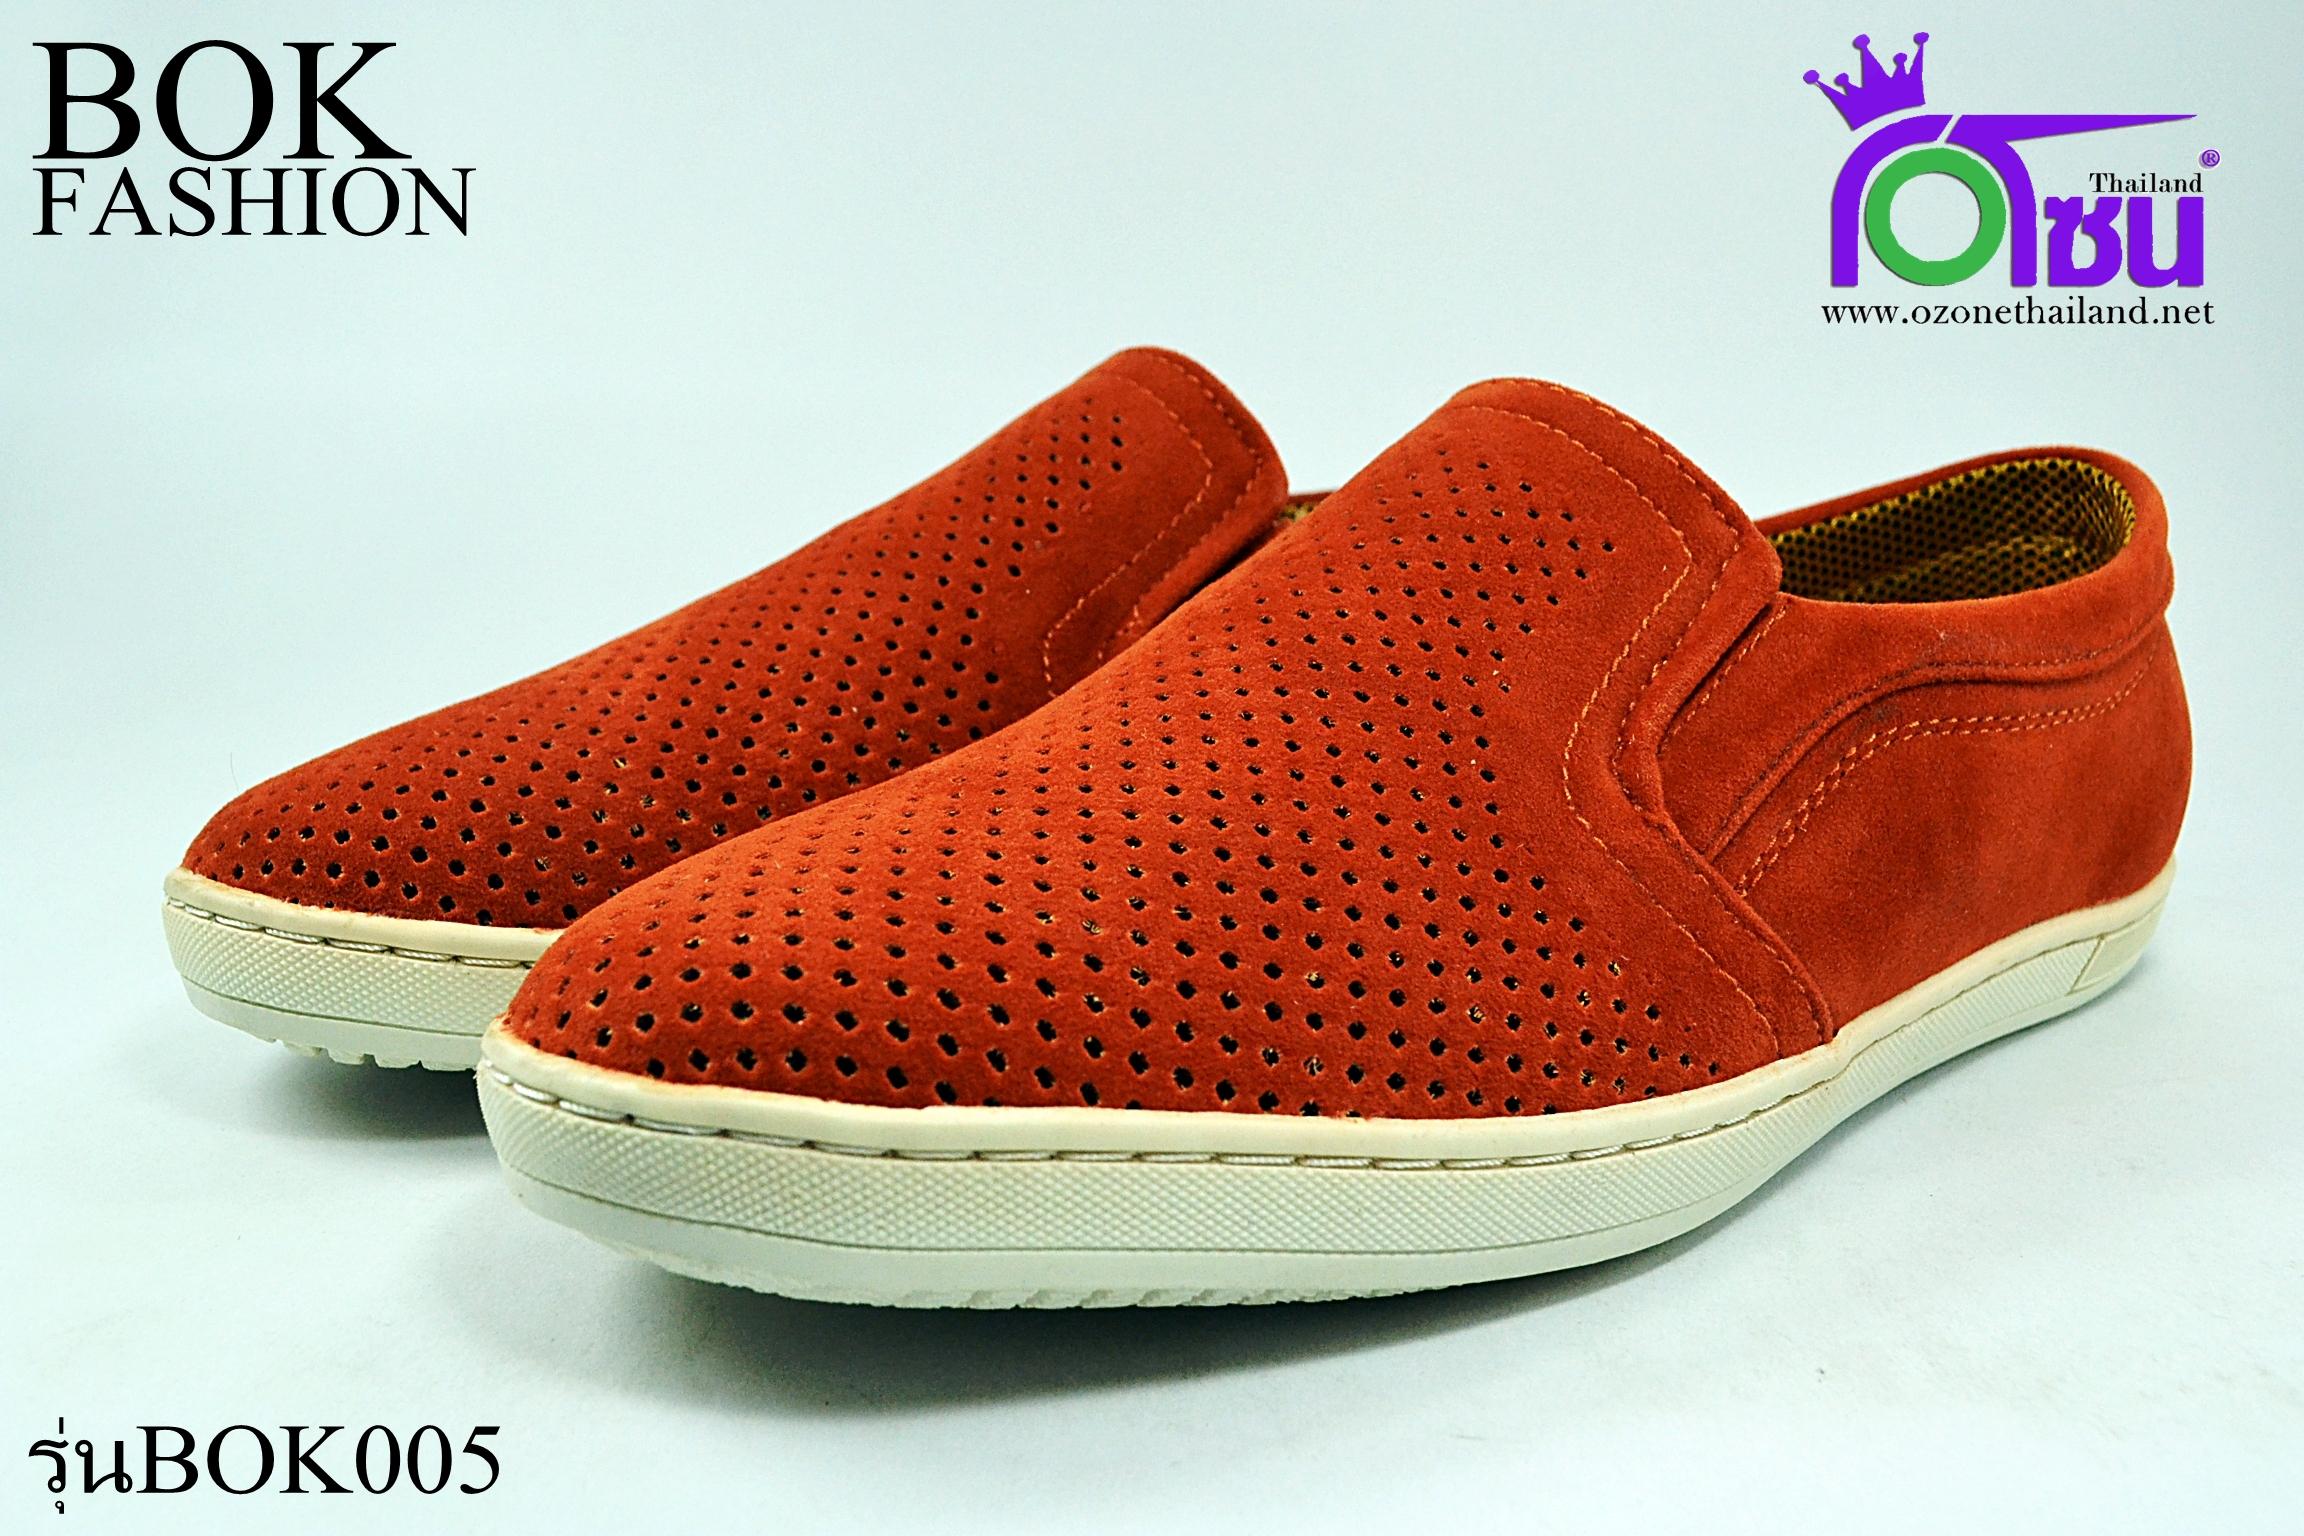 รองเท้า ผ้าใบSport BOK รุ่นBOK005 สีส้ม เบอร์41-45